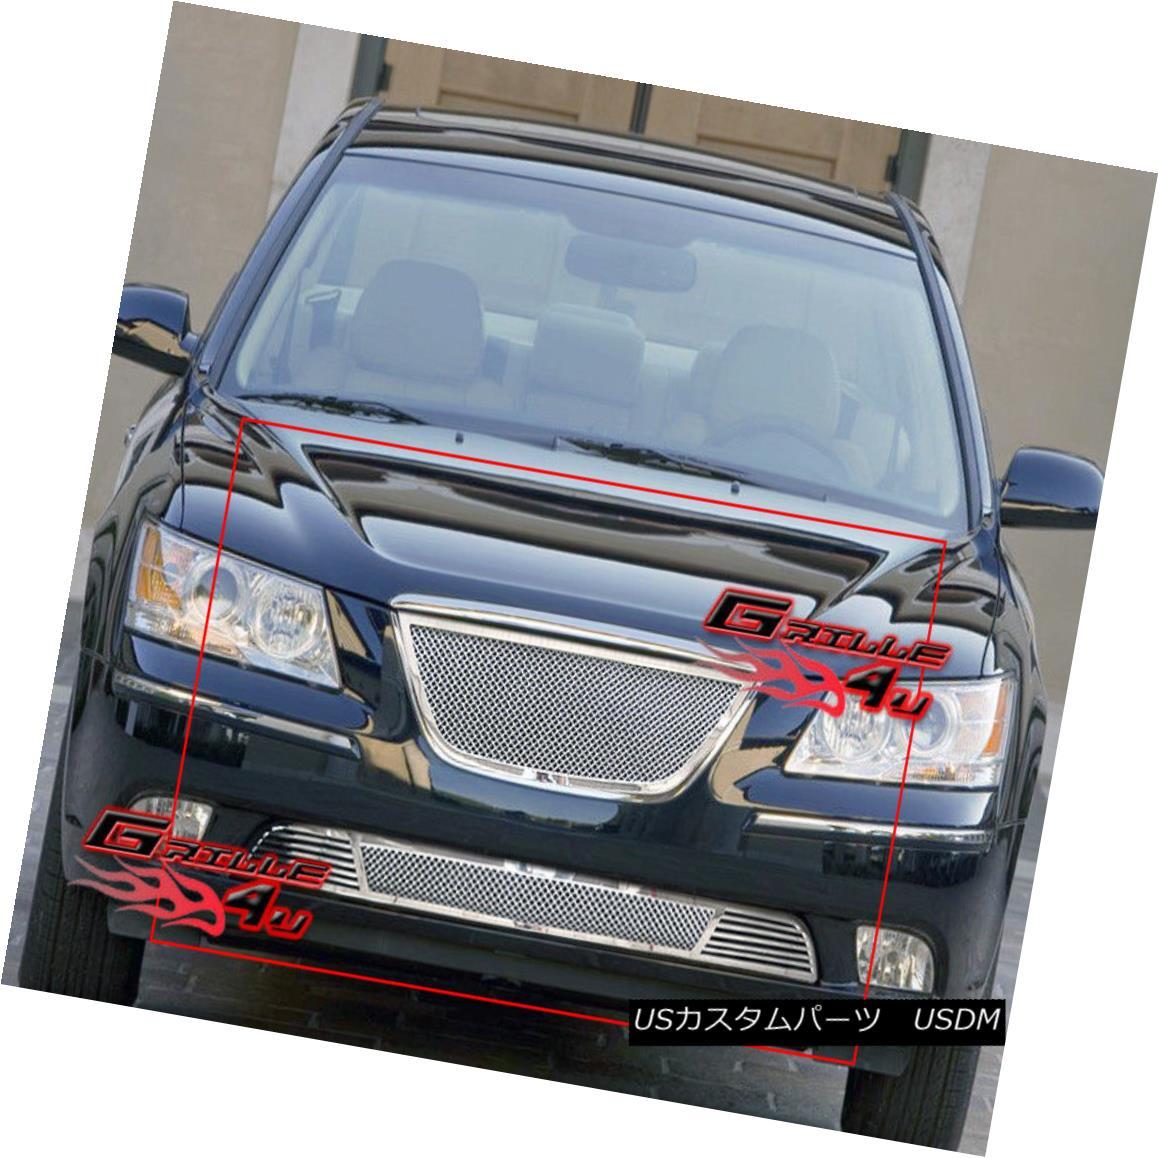 グリル Fits 09-10 Hyundai Sonata Mesh Grille Upper+Lower Bumper フィット09-10現代ソナタメッシュグリルアッパー+ロワーバンパー